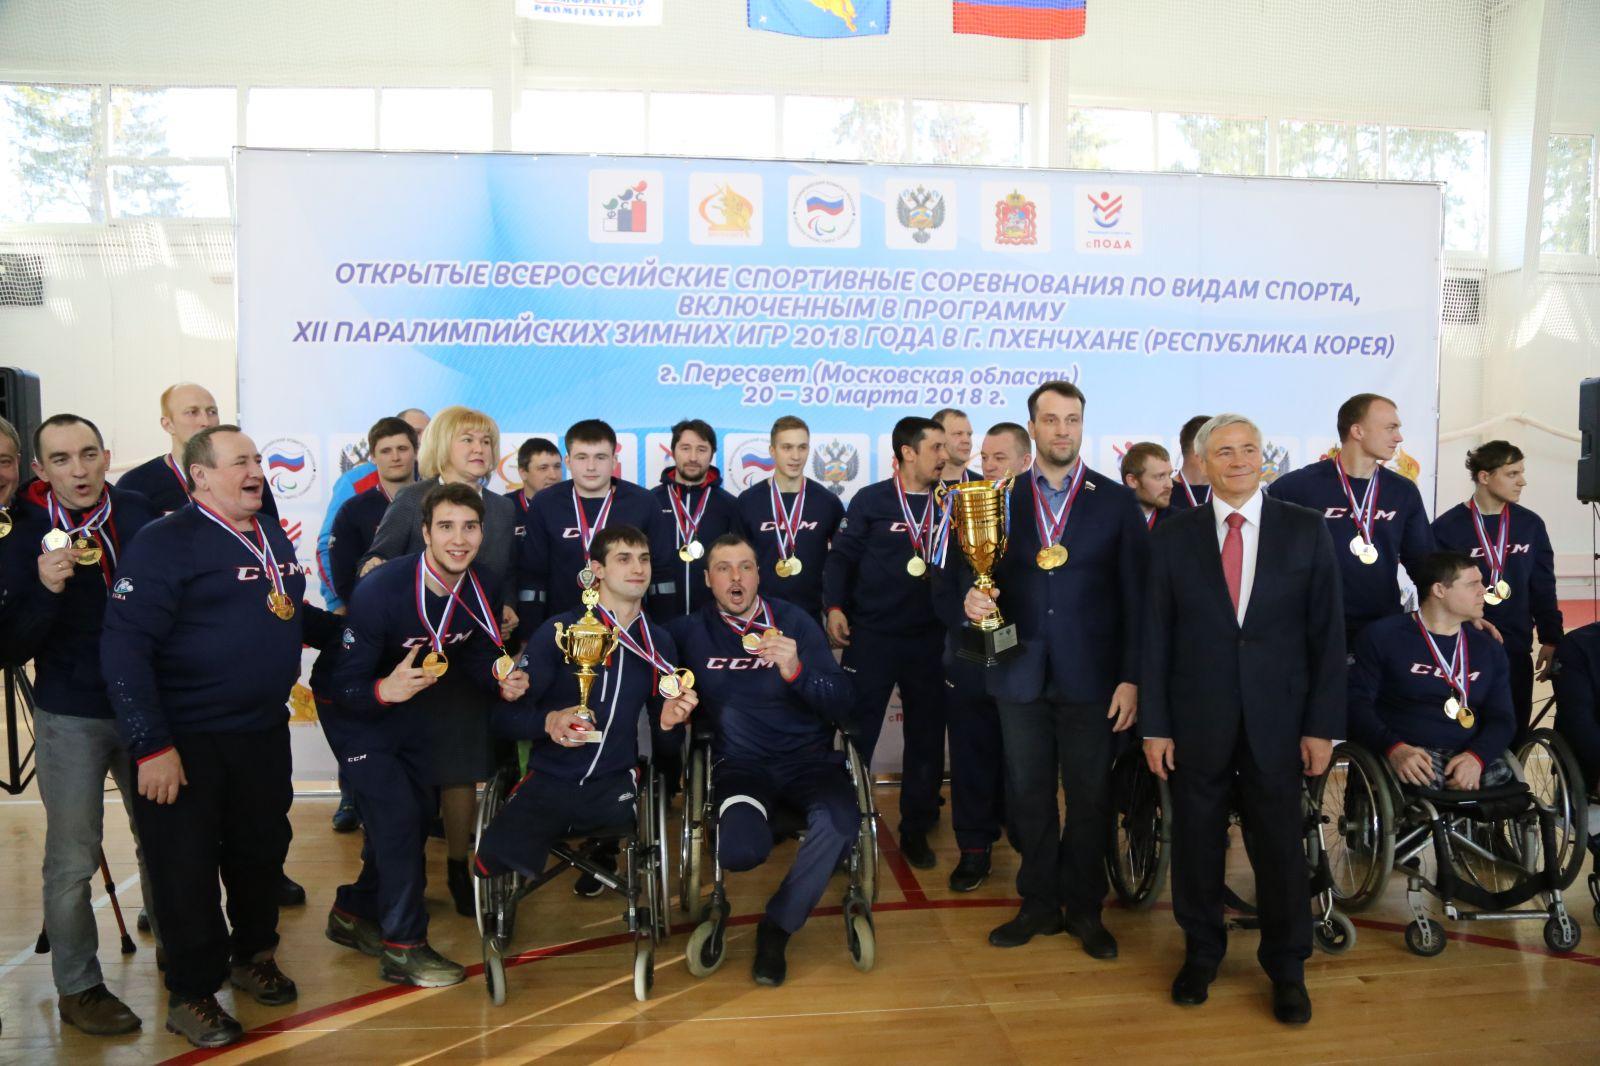 Команда Югра стала чемпионом следж-хоккейного турнира Открытых Всероссийских соревнований по видам спорта, включенным в программу Паралимпийских зимних игр